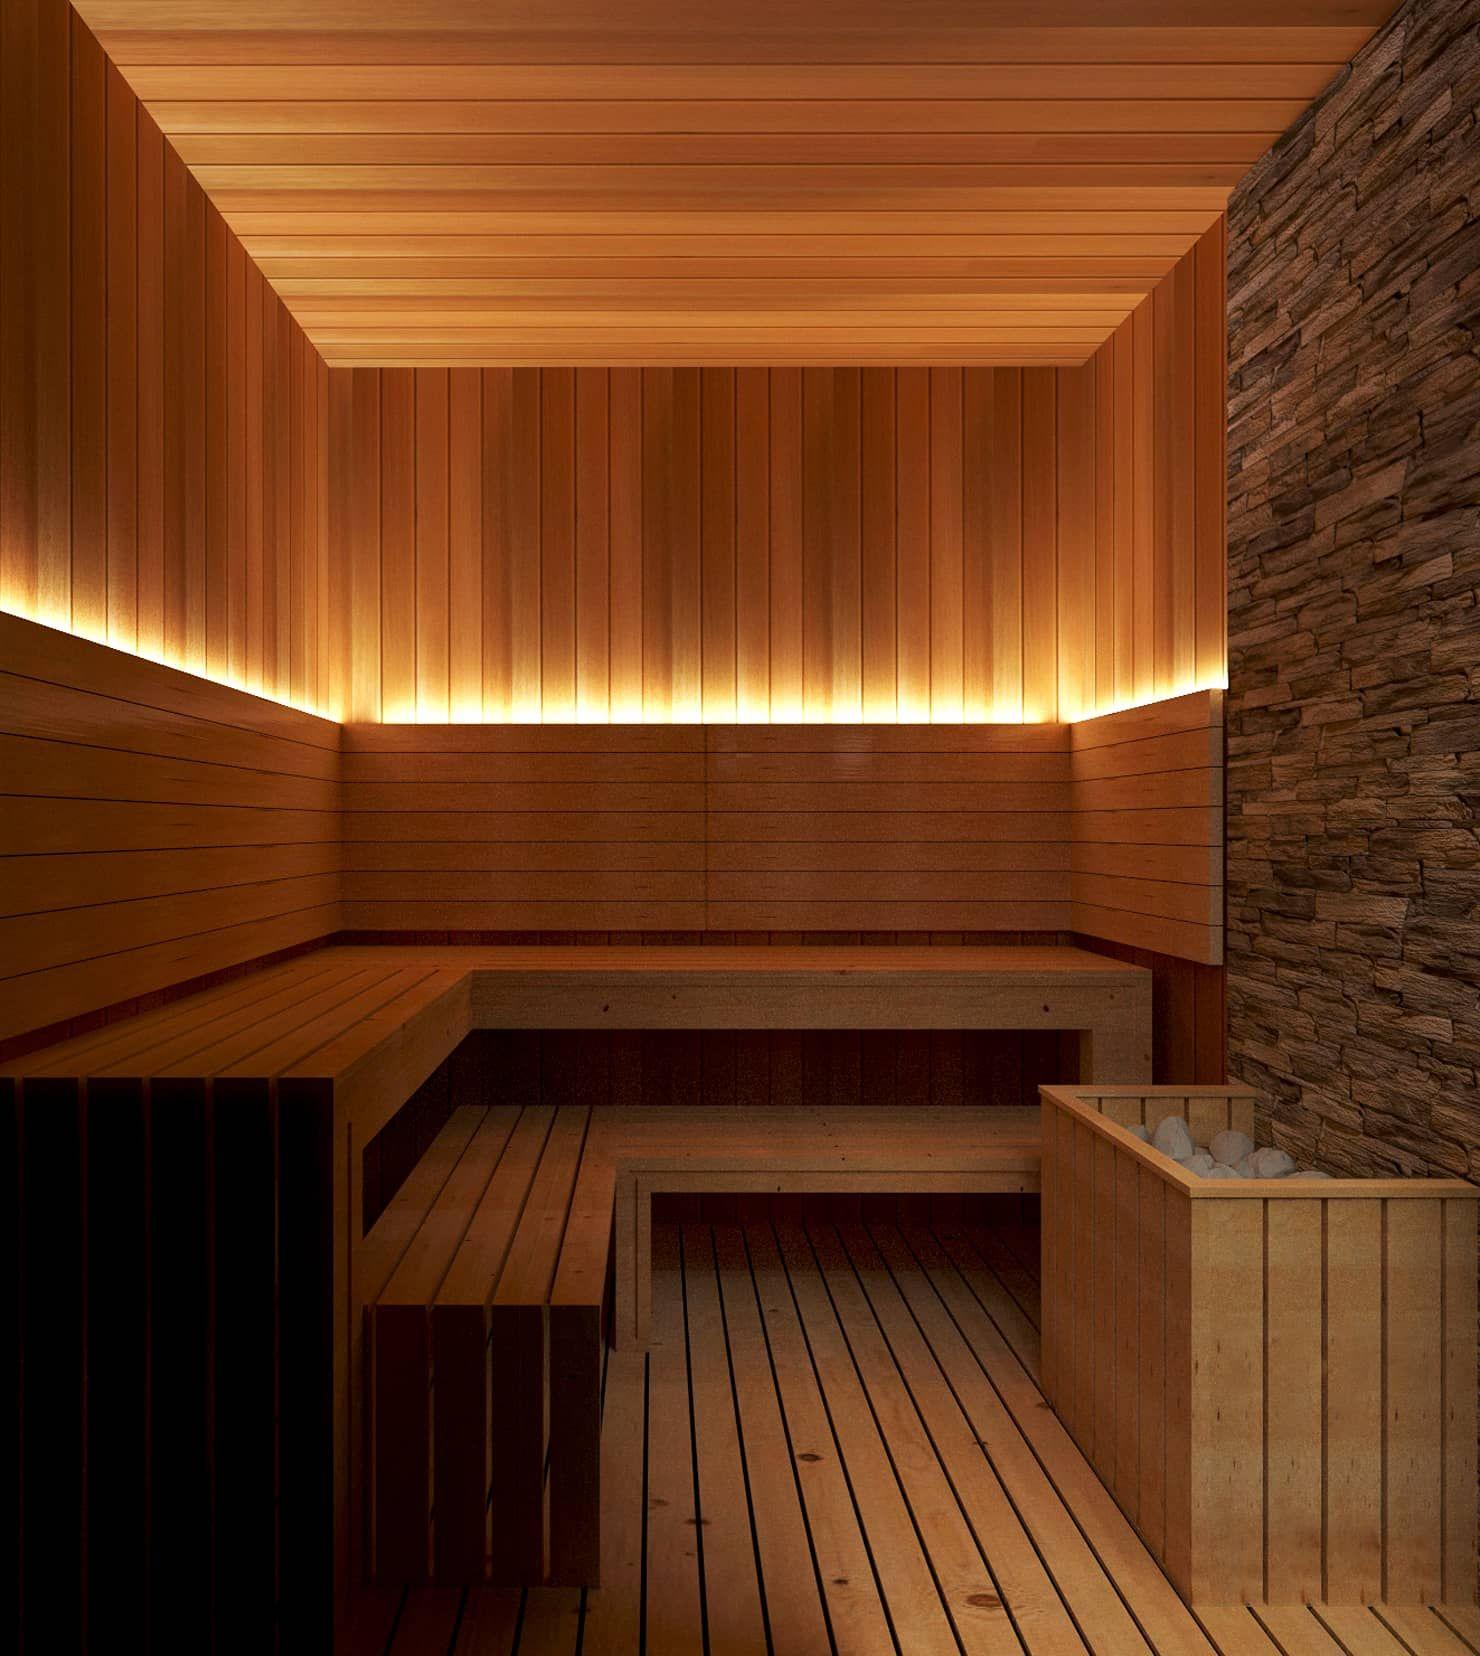 Hotelsuite, hessen, germany moderner spa von insight